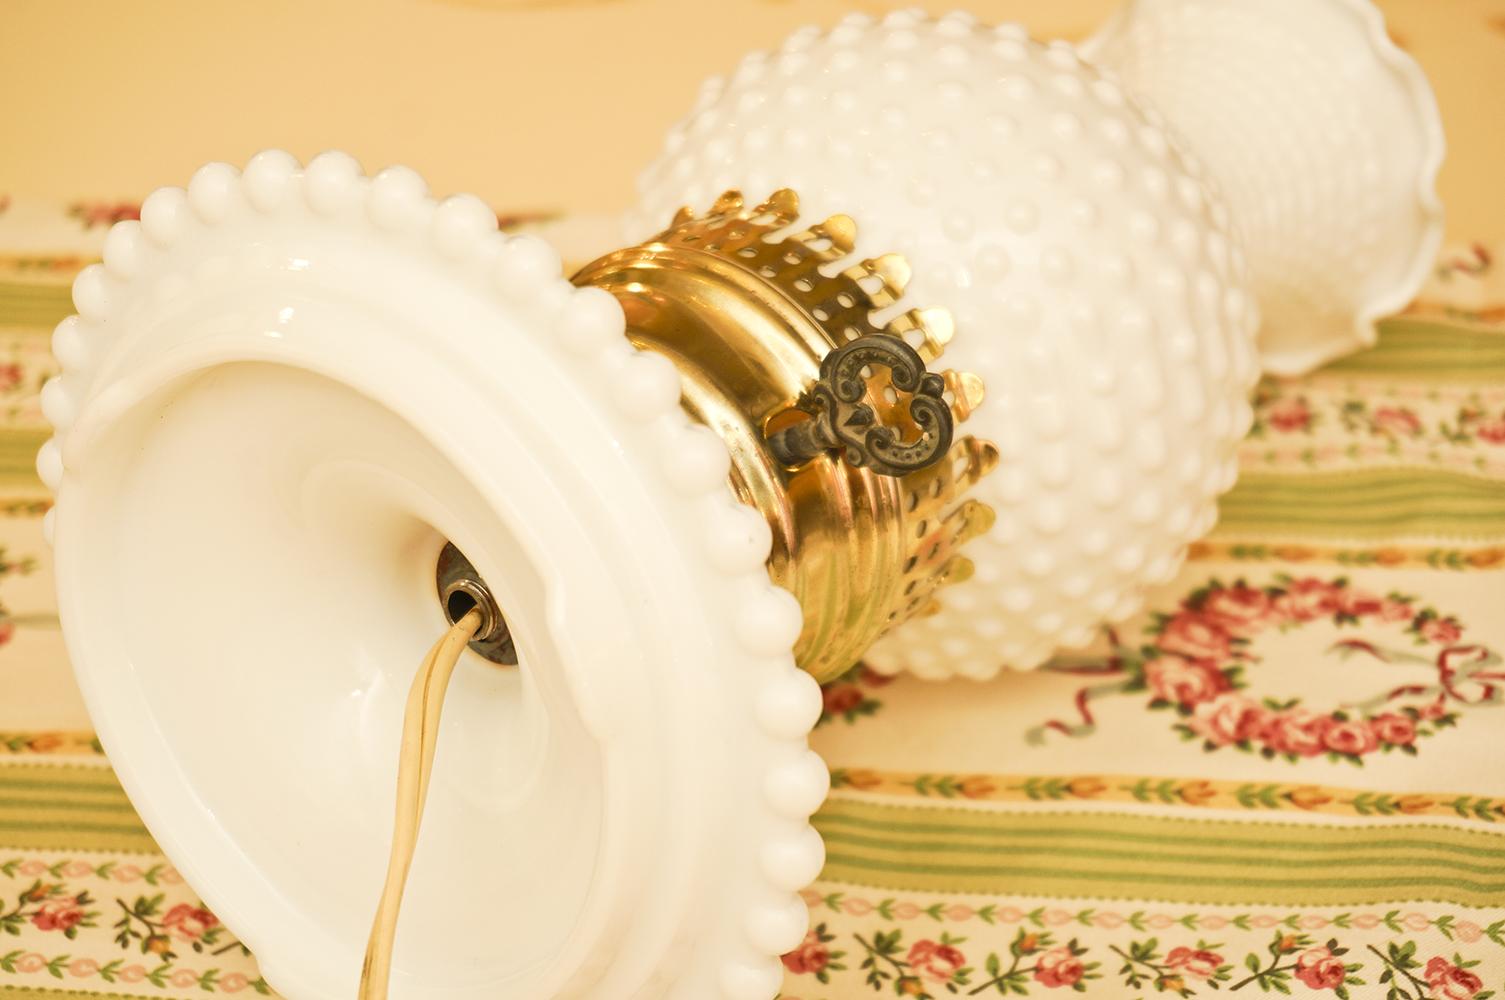 フェントン製 ホブネイルミルクグラス テーブルランプ 裏側